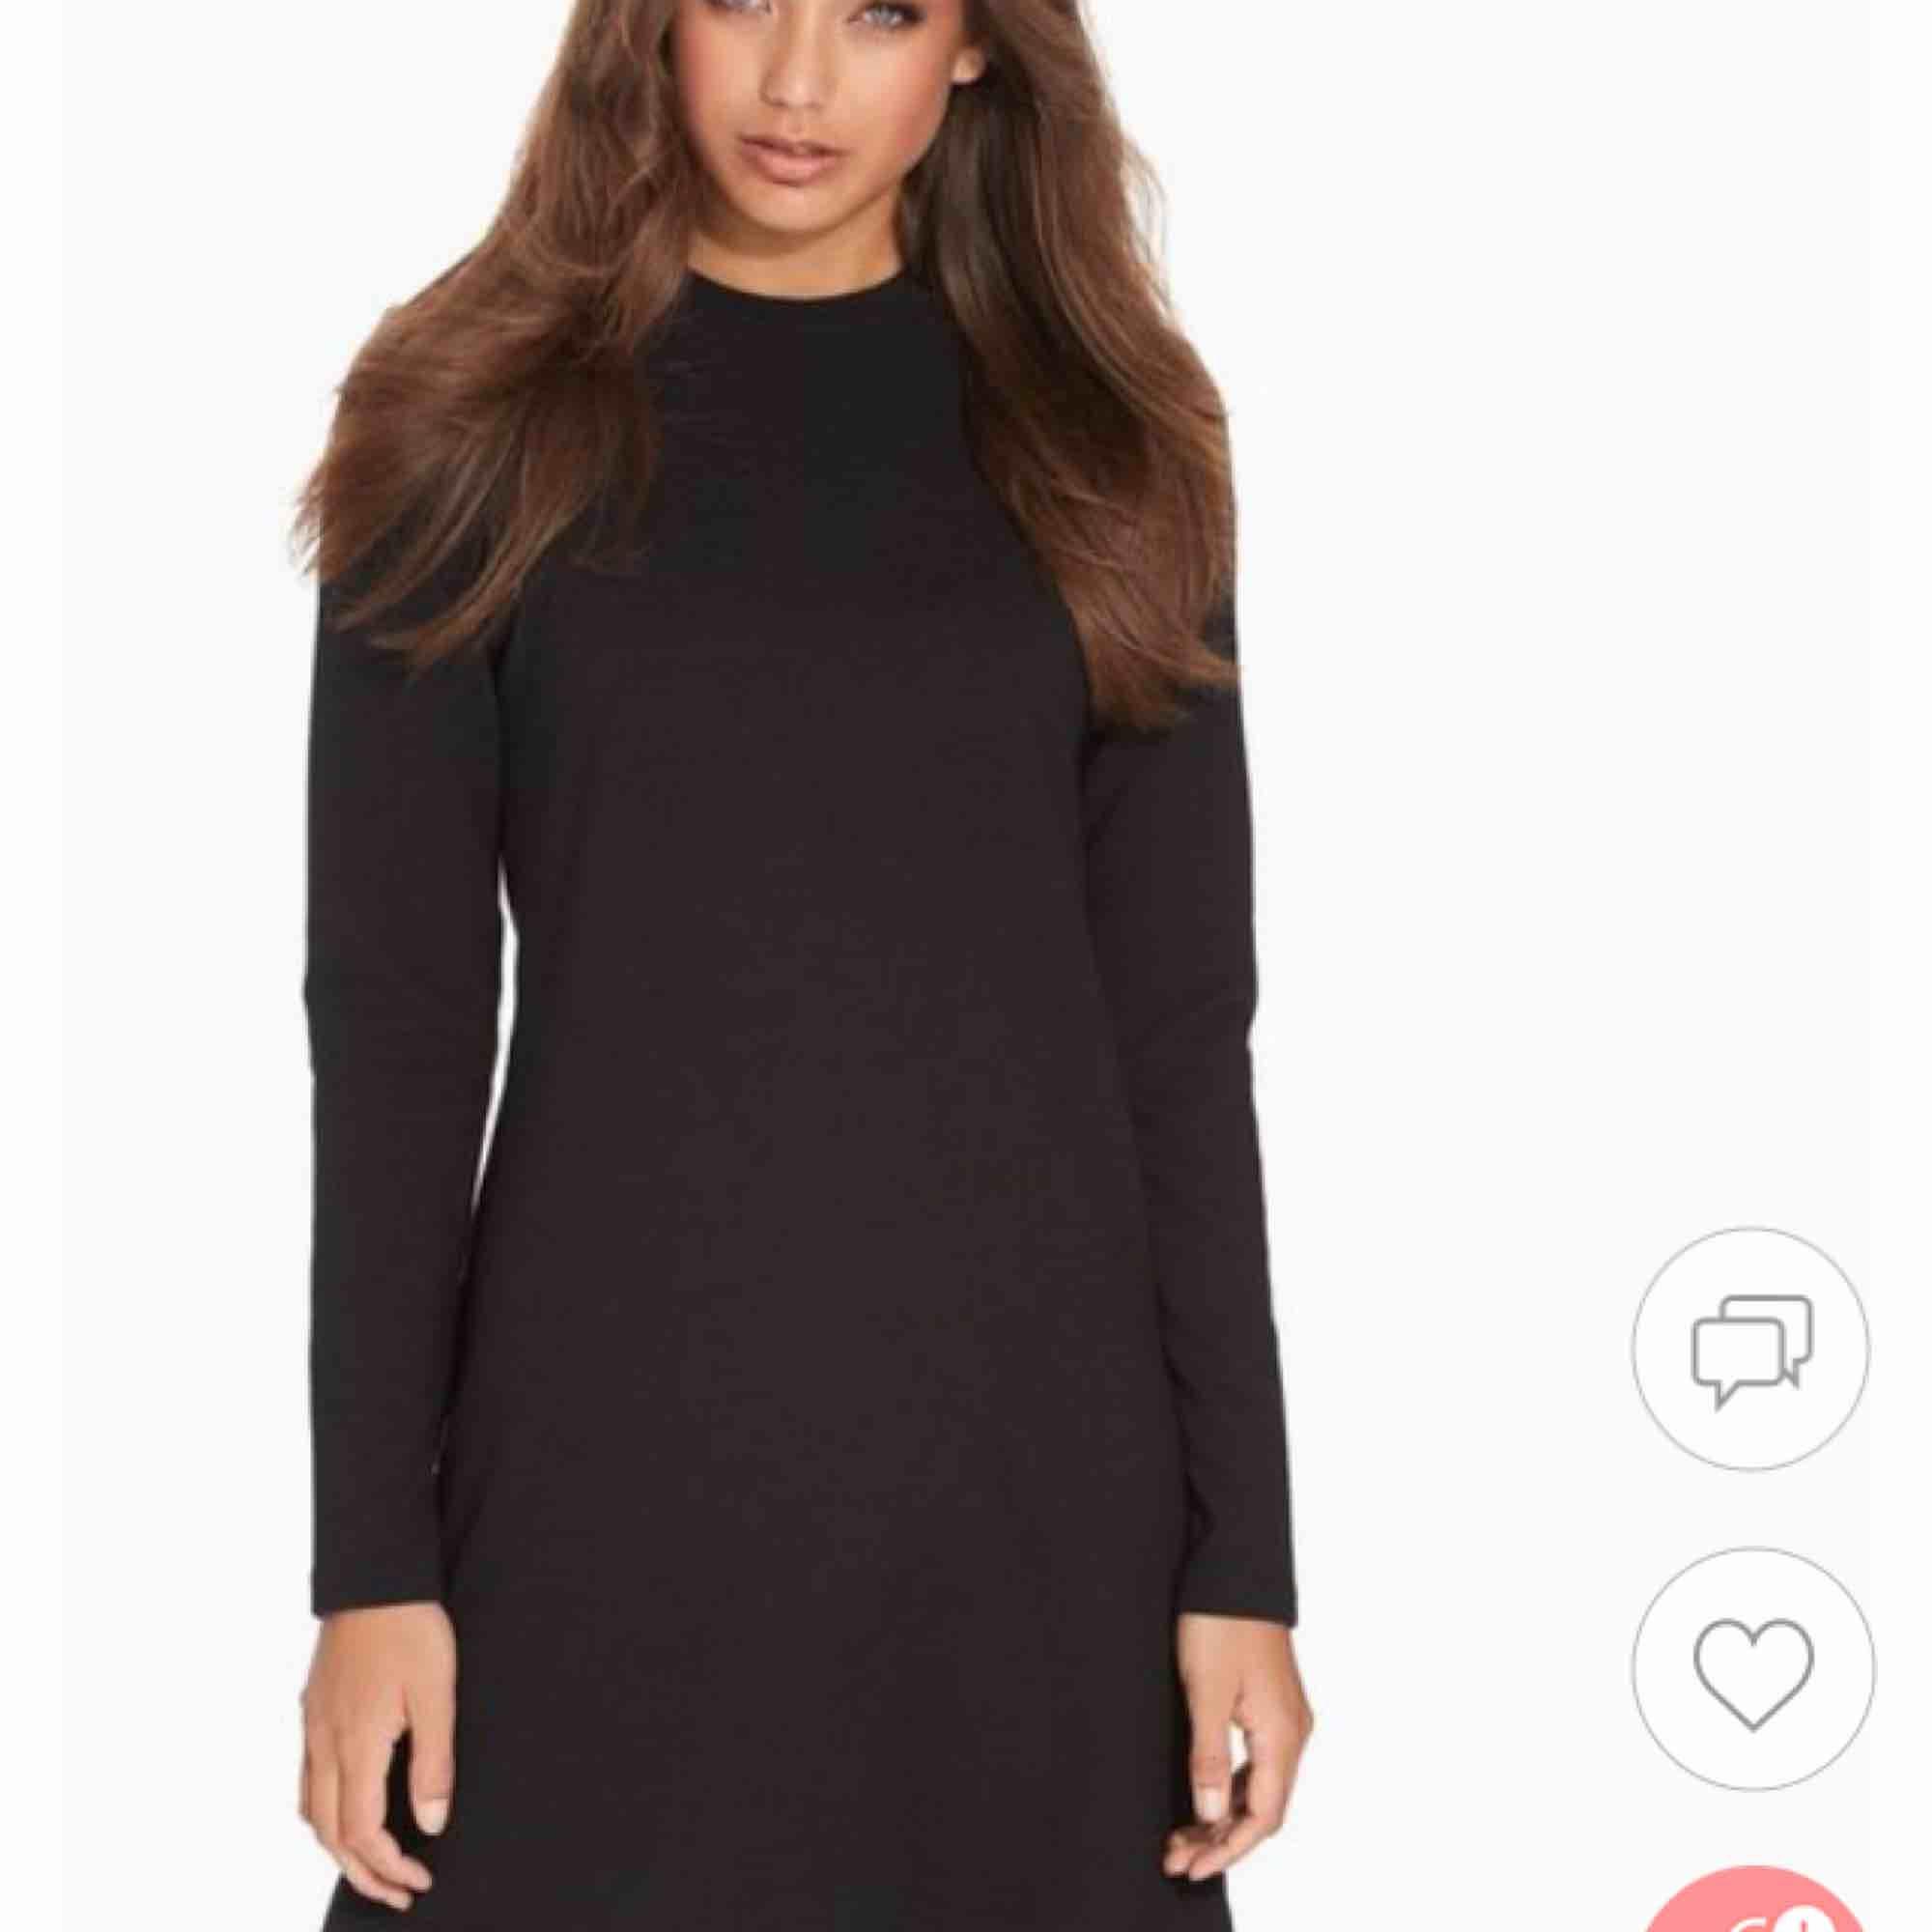 Fin svart klänning med dragkedja i nacken. Inte helt tight vilket gör den väldigt skön och bekväm. Passar perfekt till fest.. Klänningar.